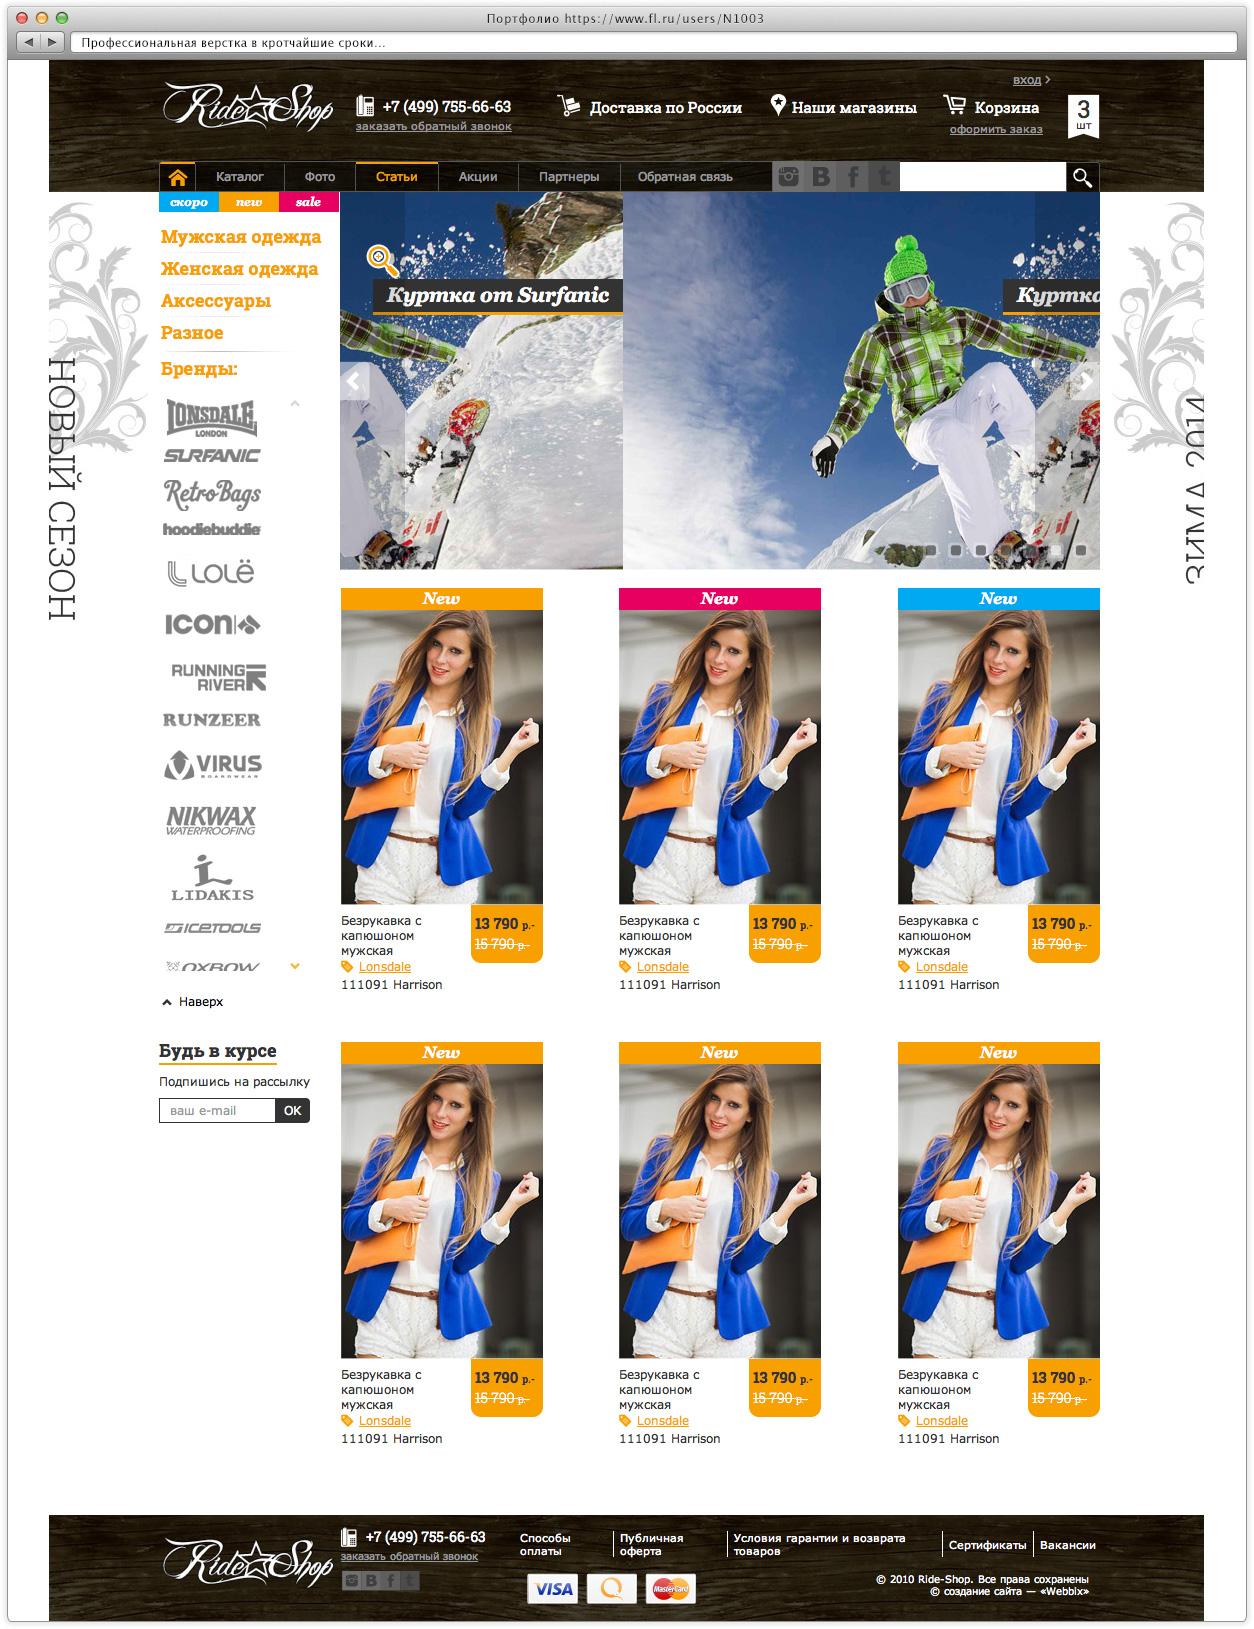 RideShop интернет магазин (адаптивная верстка с множеством js скриптов)